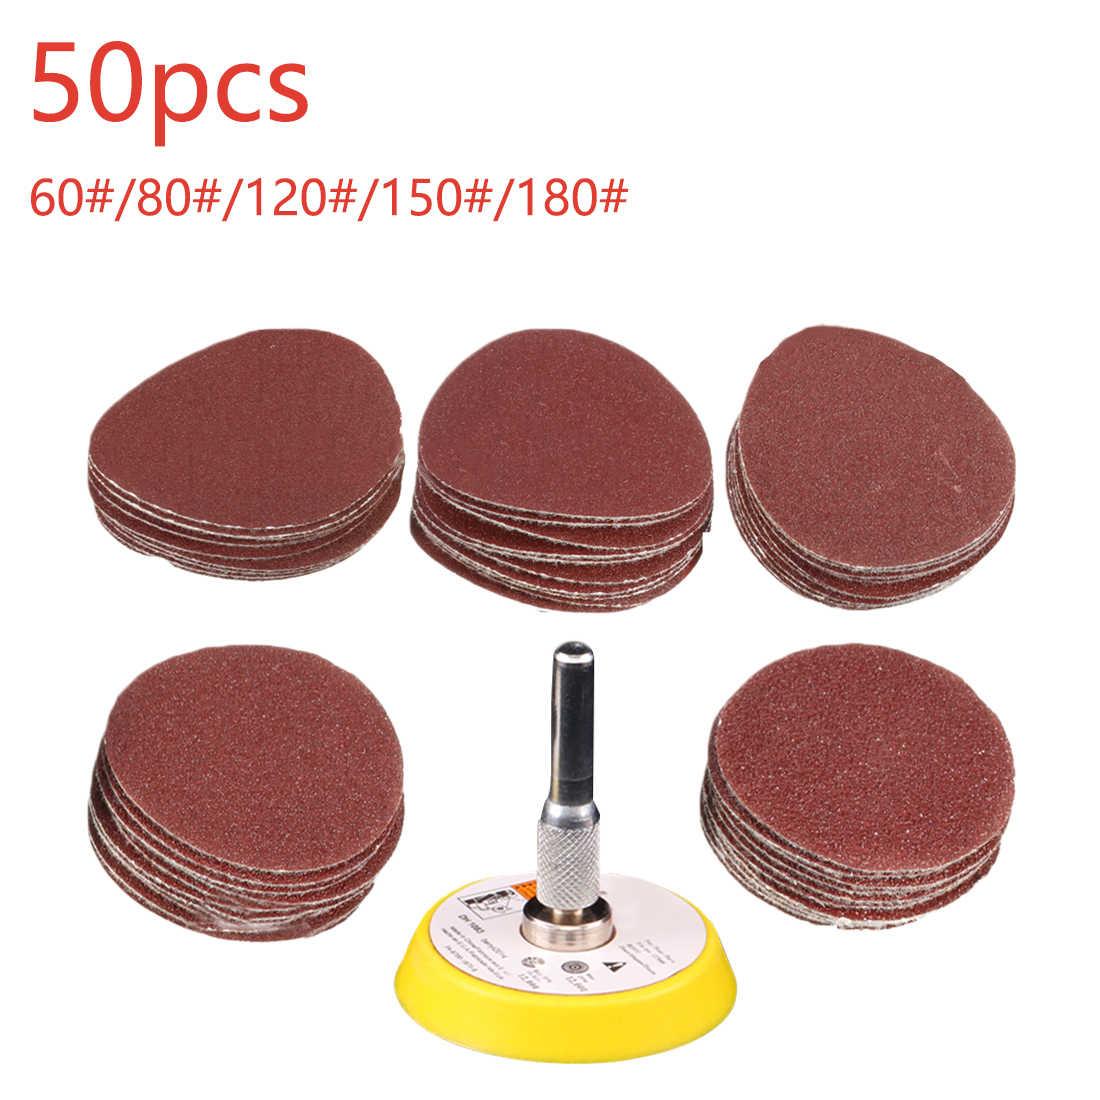 5x Hook /& Loop Sanding Disc Polishing Sander Pad Sandpaper 9 Inch 60-180 Grit